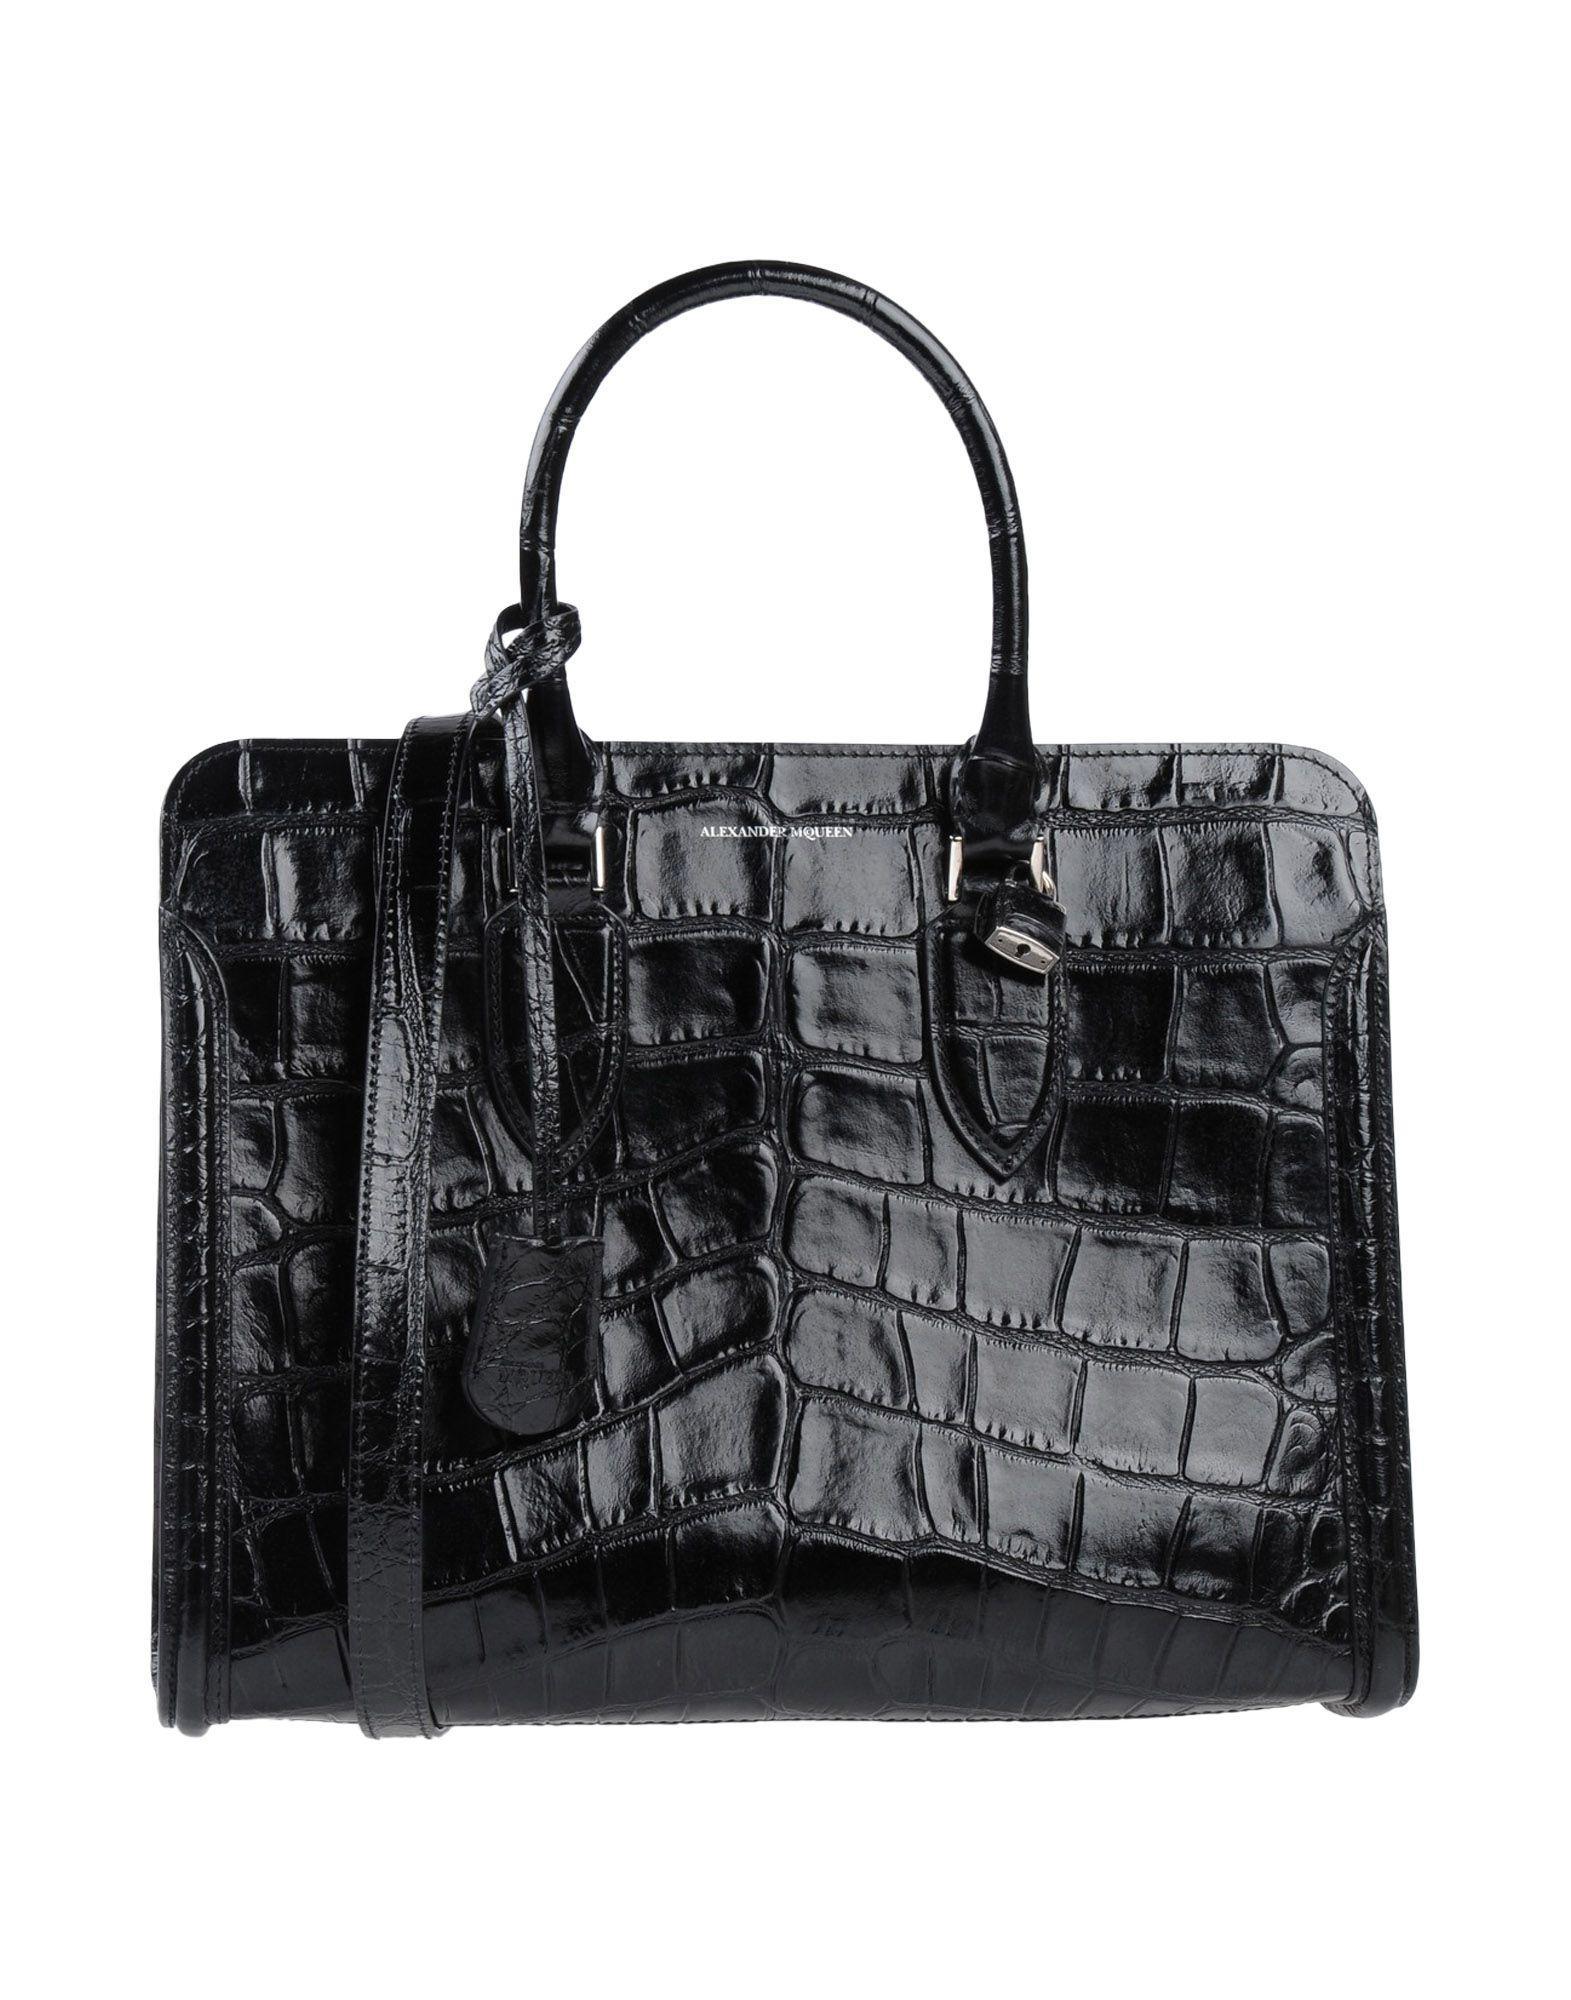 Alexander Mcqueen Handbags In Black